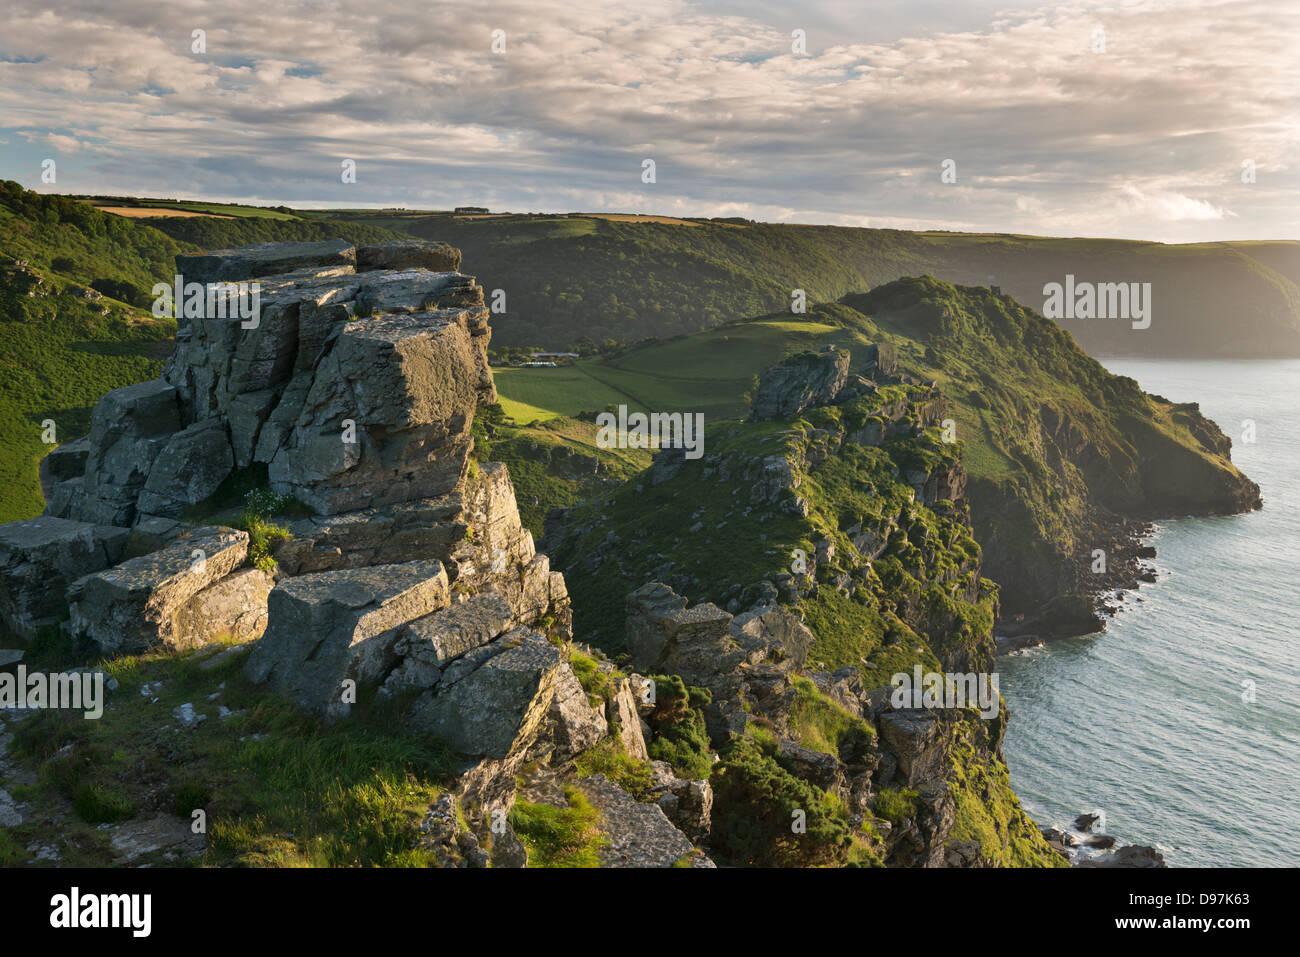 Torreggianti scogliere a valle delle rocce, Exmoor, Devon, Inghilterra. In estate (Luglio) 2012. Immagini Stock